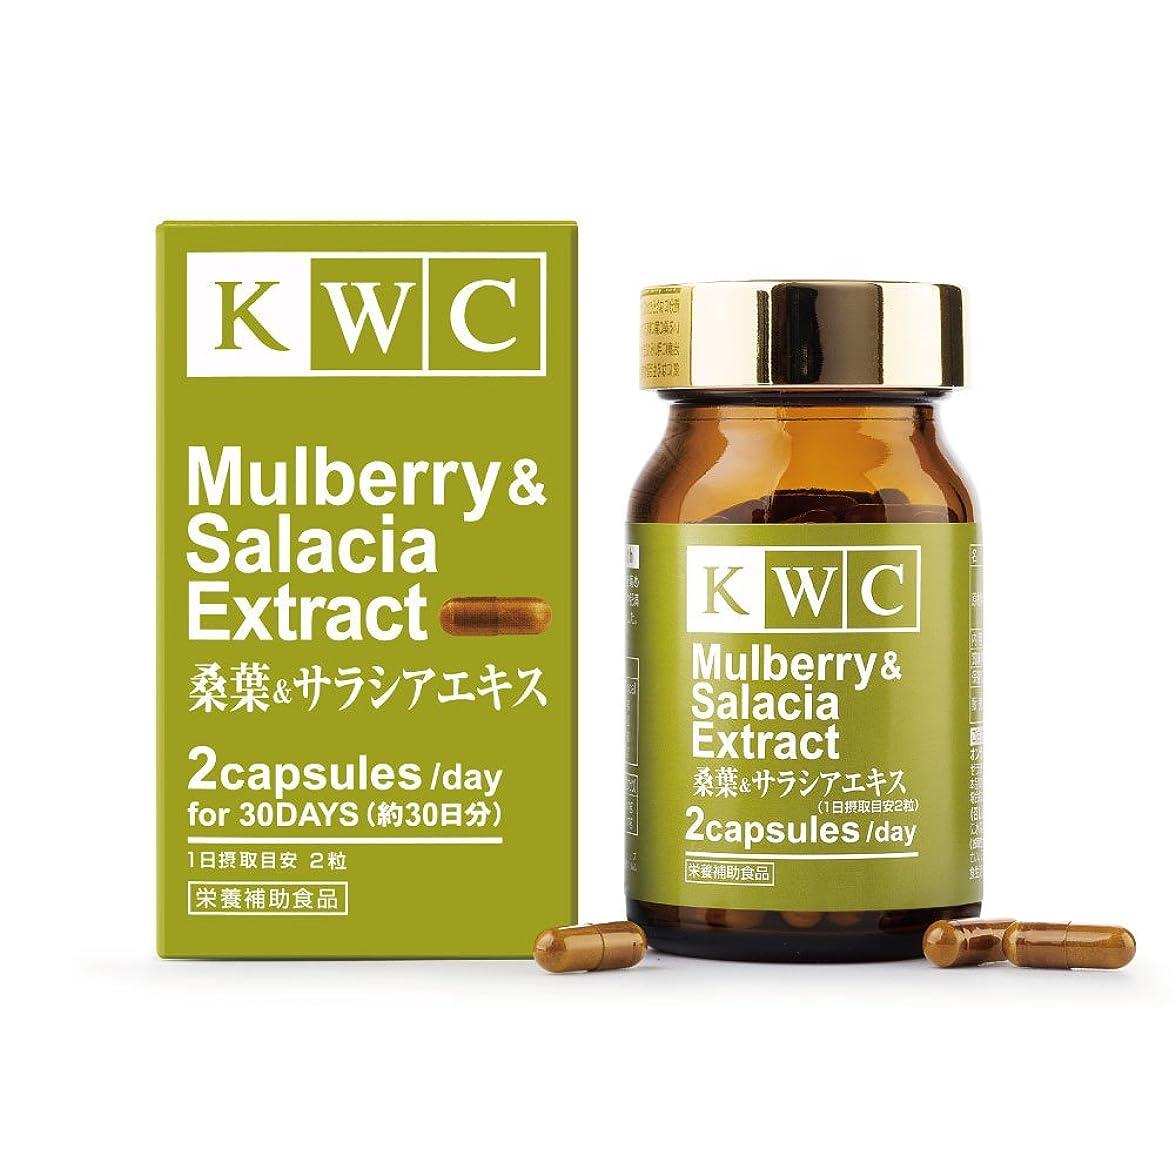 誰の蒸留署名KWC 桑葉&サラシアエキス サプリメント 約30日分 60粒